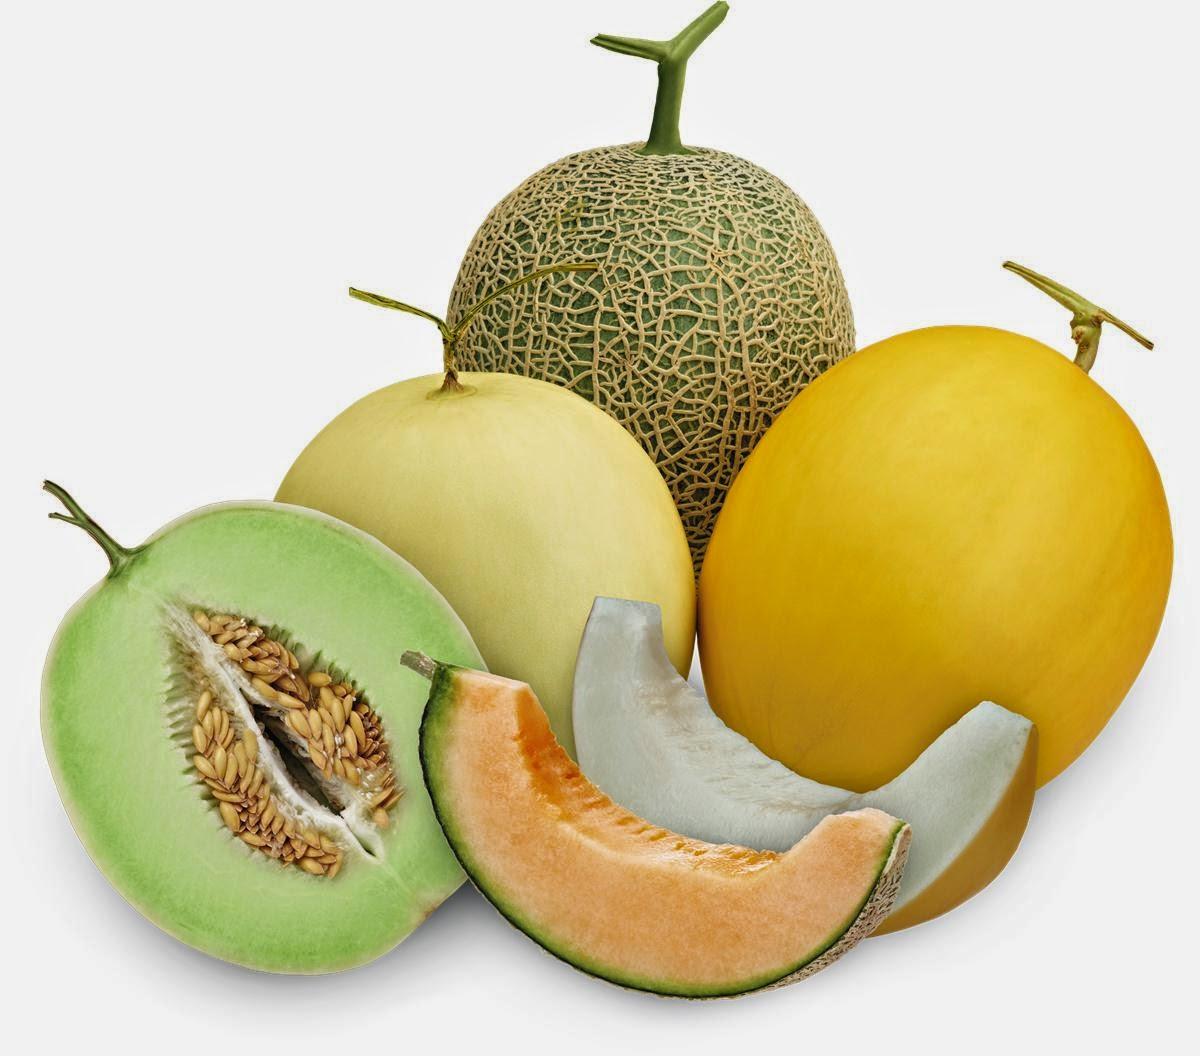 4 Manfaat Buah Melon Untuk Diet Ketat 2 Minggu